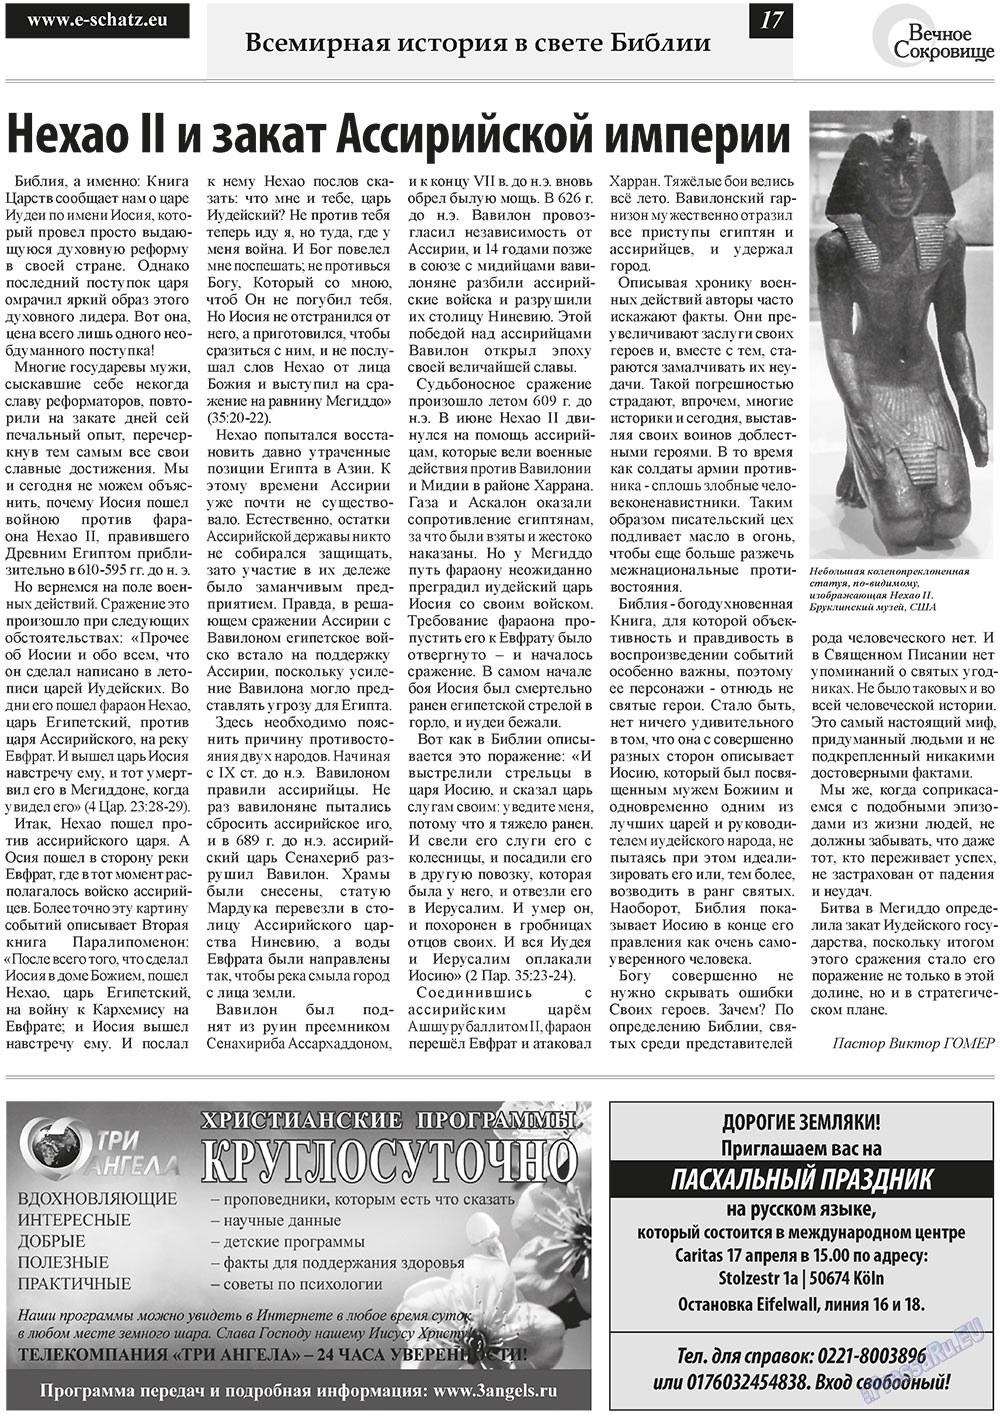 Вечное сокровище (газета). 2011 год, номер 2, стр. 17